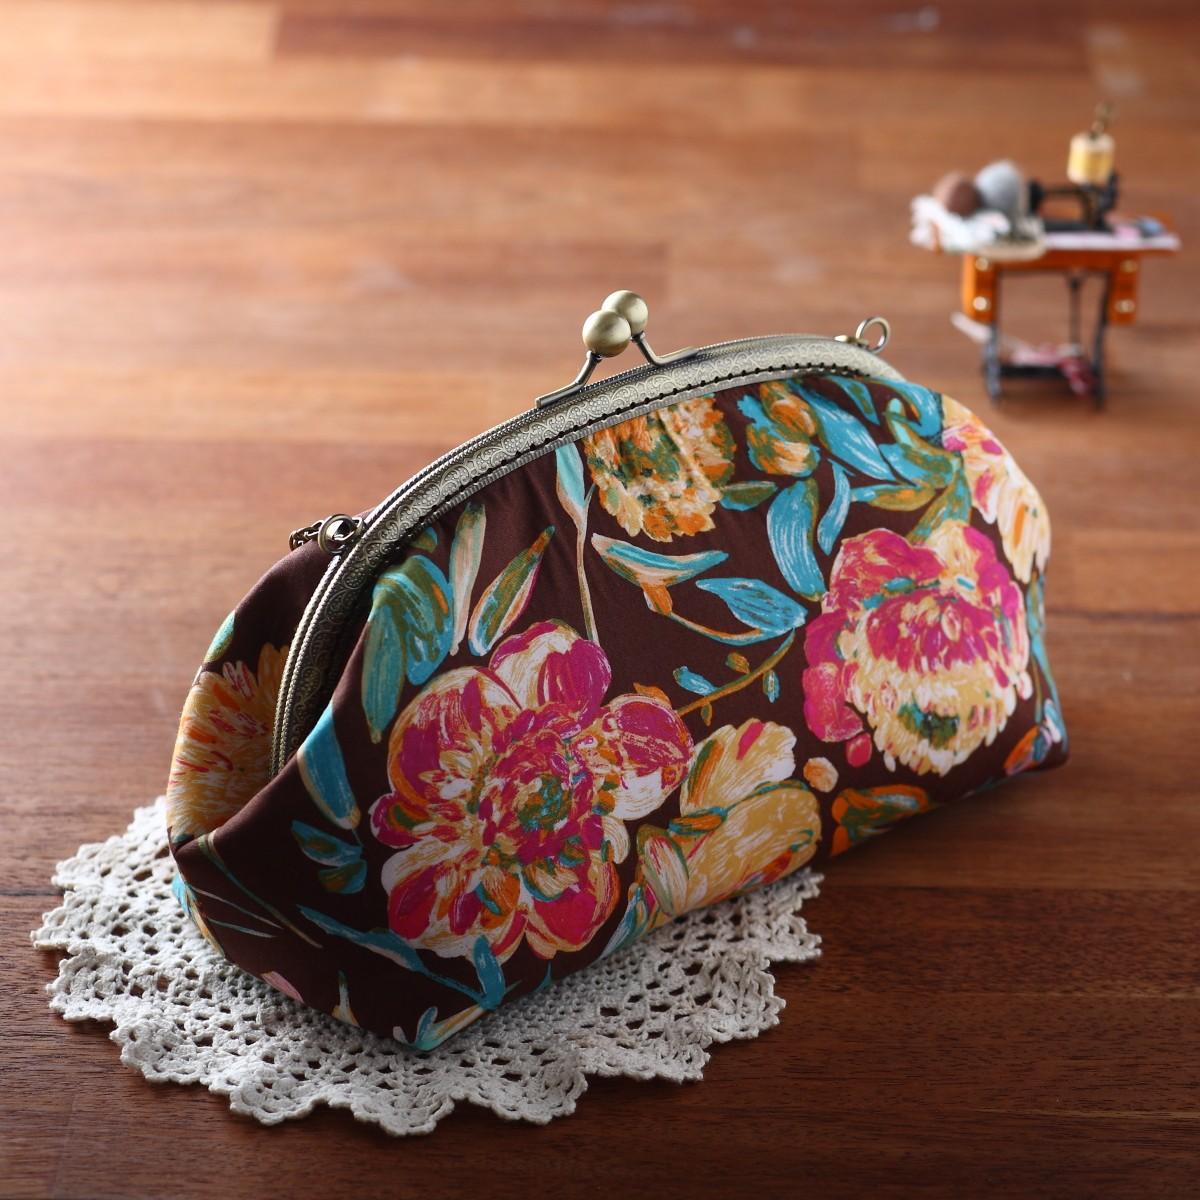 퀼트 패키지 퀼트25cm라운드프레임가방만들기 플로라 (체인별도구매) - 나미꼬의퀼트카페, 40,000원, 펠트공예, 수납/주머니 패키지